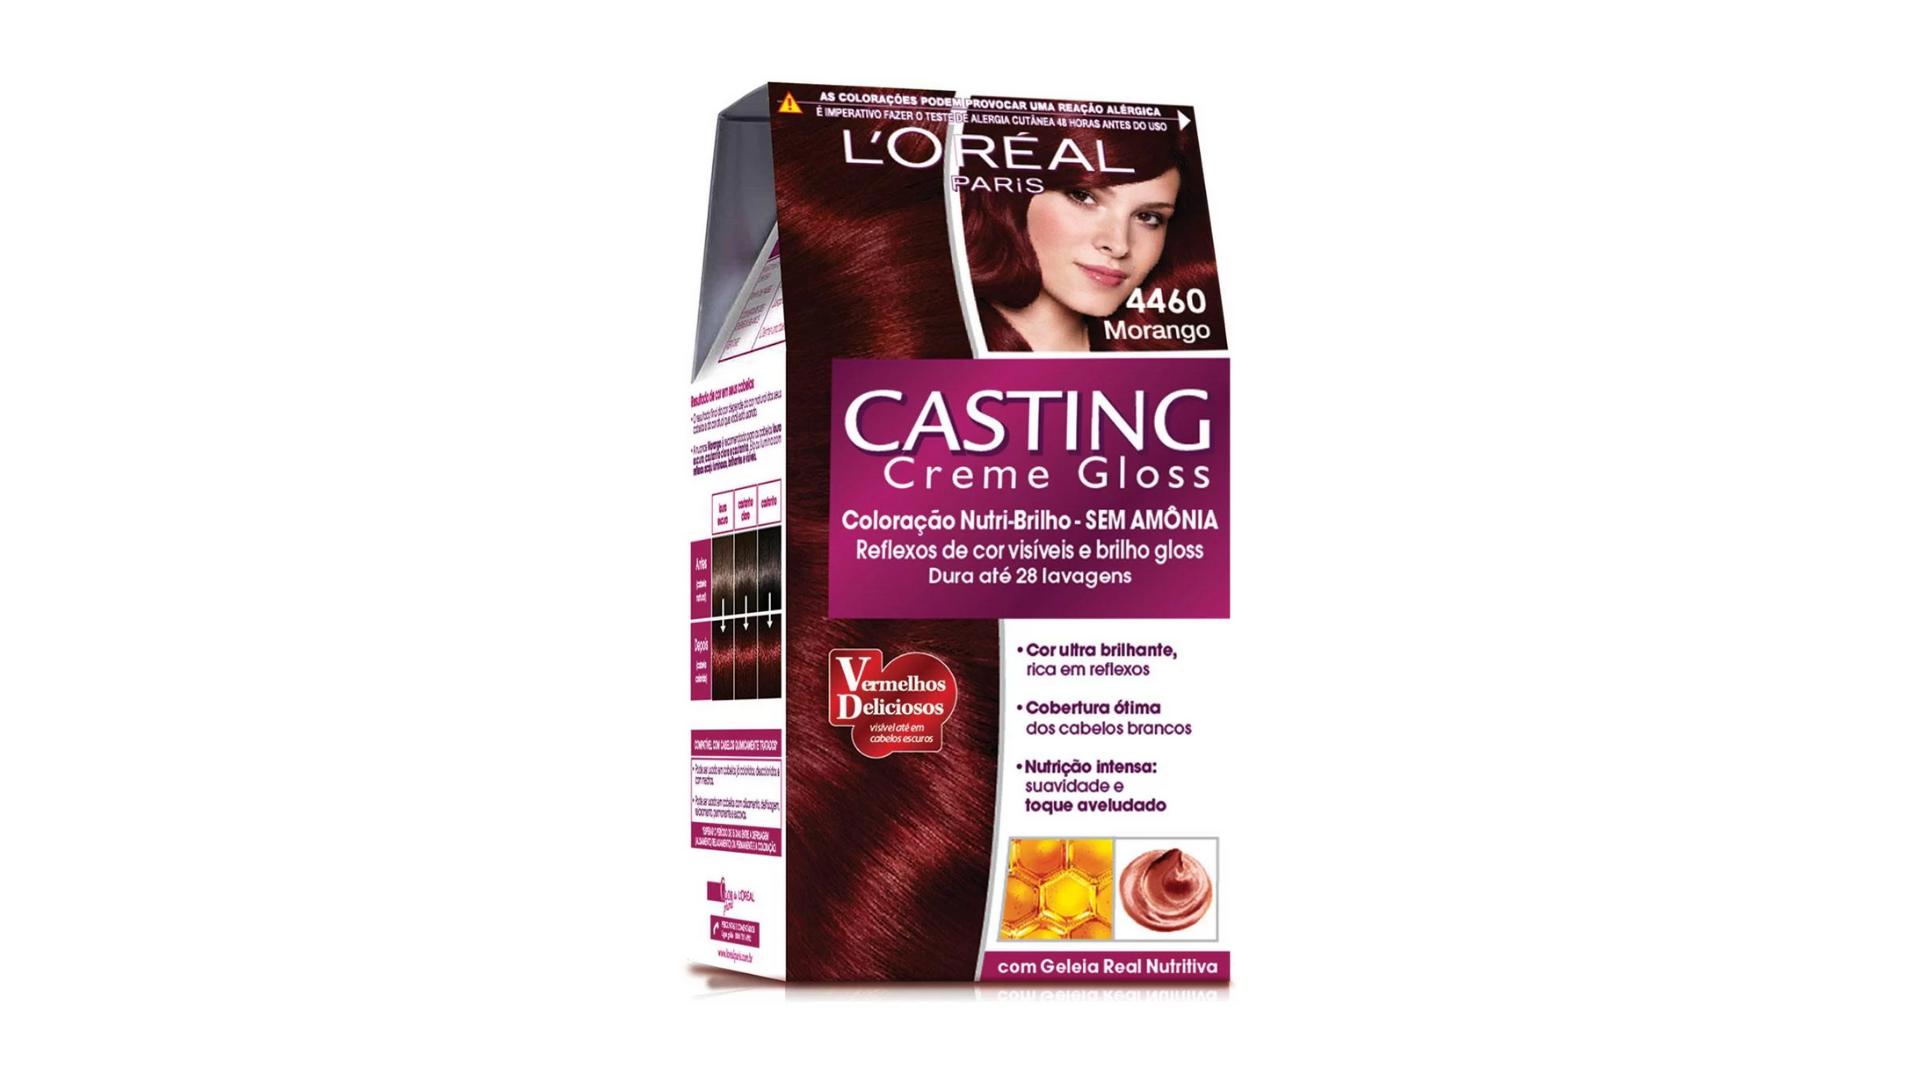 L'Oréal Casting Creme Gloss (Imagem: Divulgação/L'Oréal)